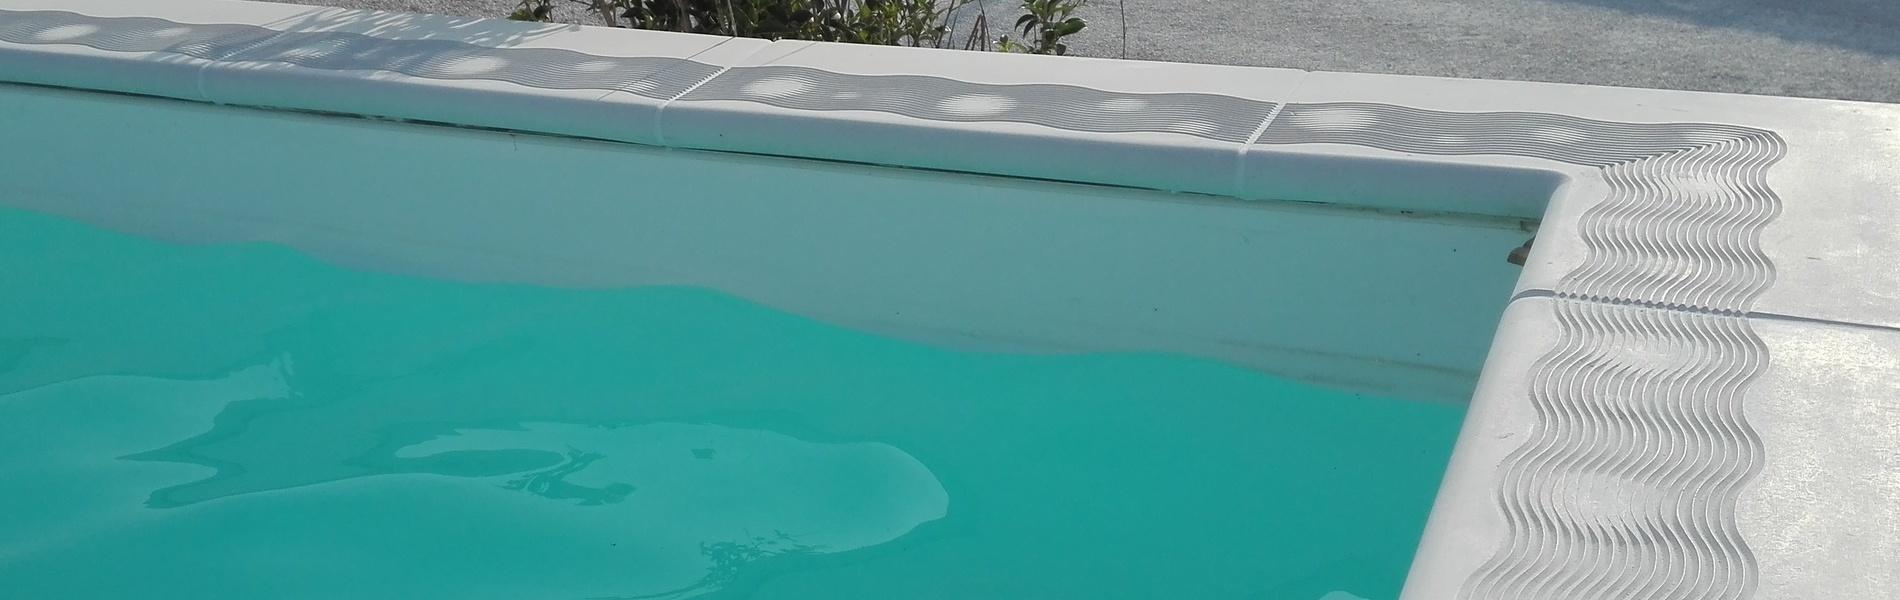 Margelle contemporaines pour piscine, jeux d'ombres, en pierre reconstituée.